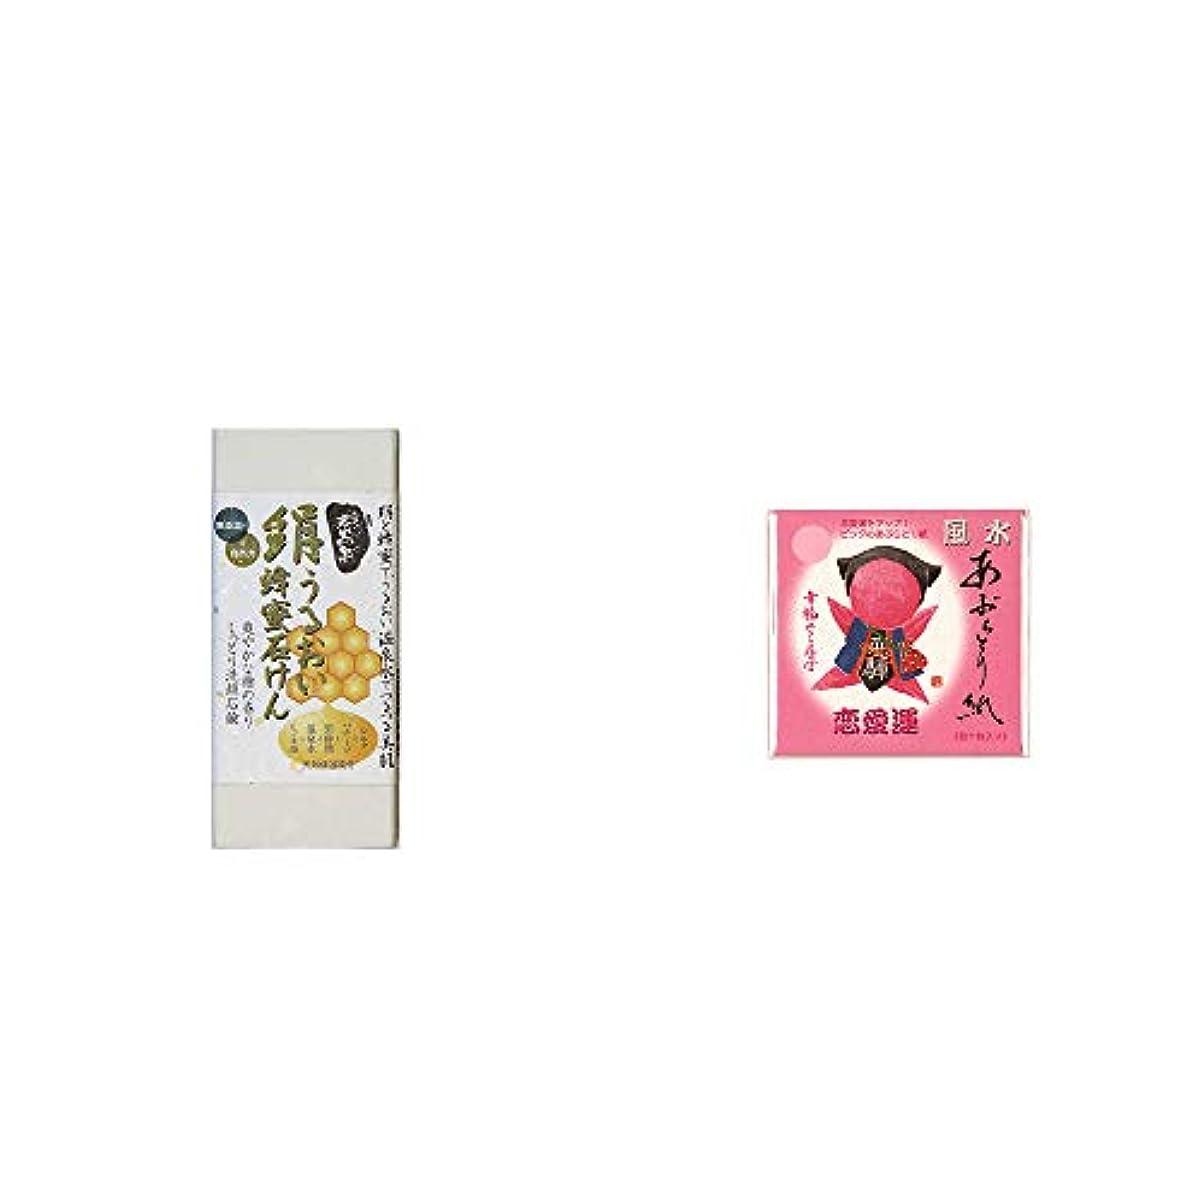 残り水曜日戻す[2点セット] ひのき炭黒泉 絹うるおい蜂蜜石けん(75g×2)?さるぼぼ 風水あぶらとり紙【ピンク】